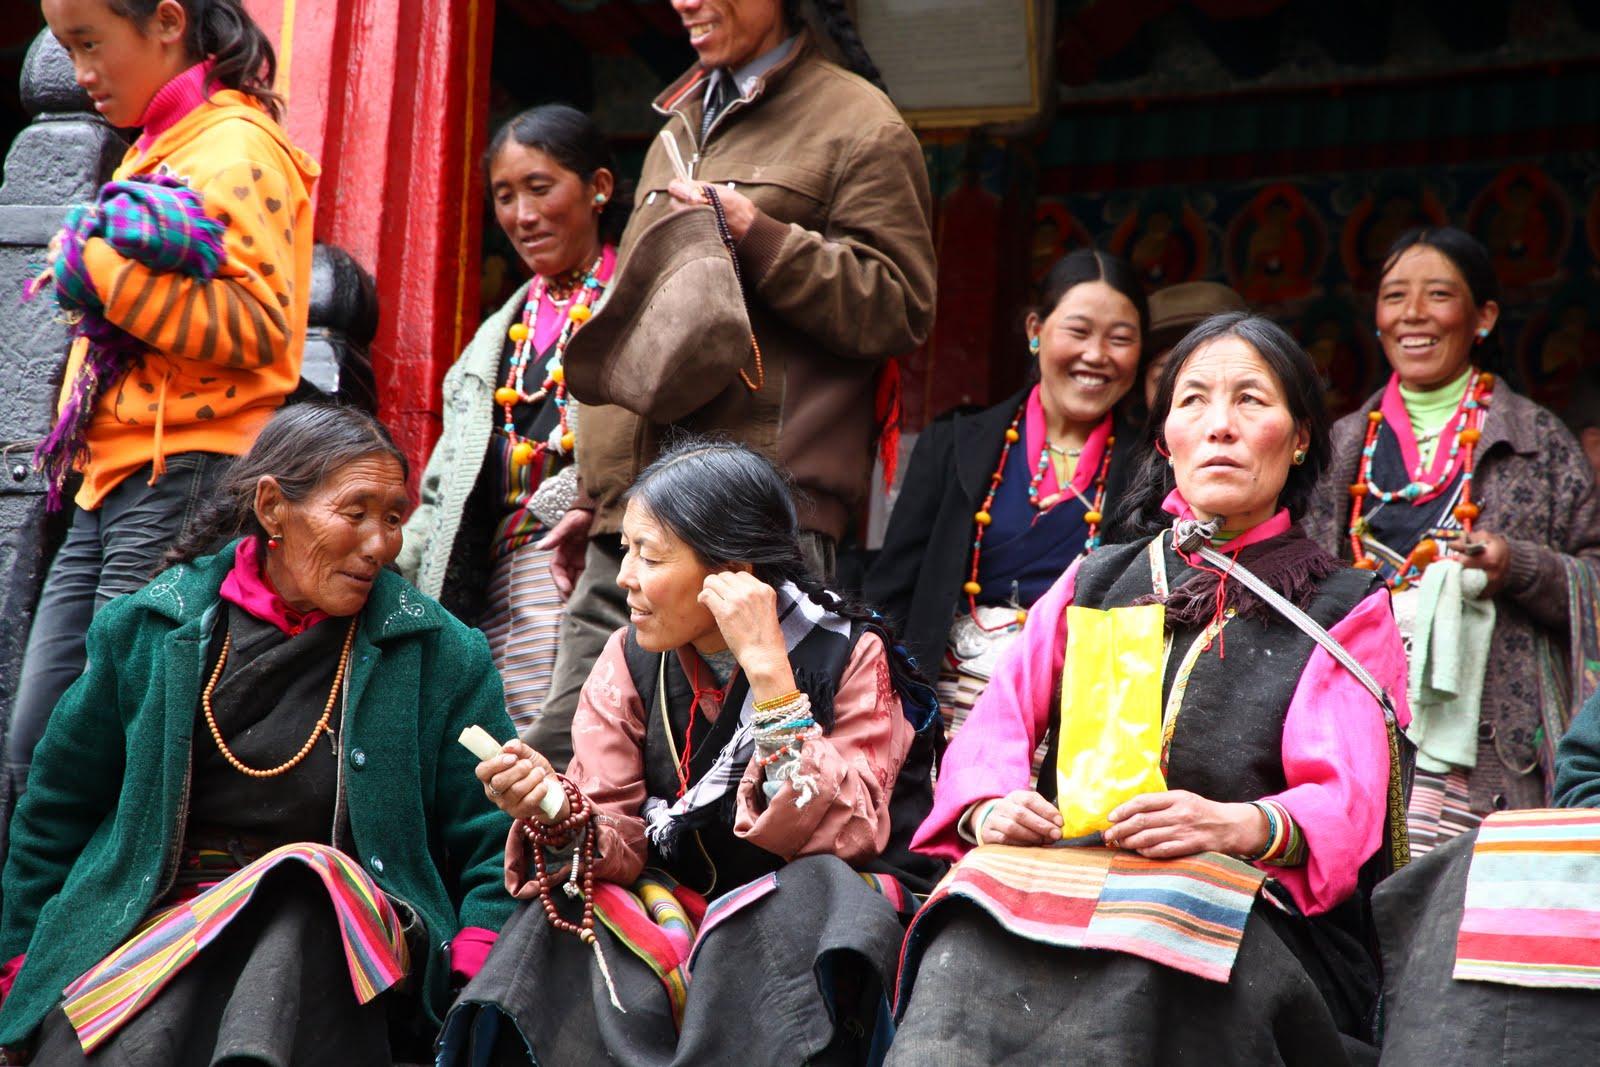 Life in tibet tibet in pictures